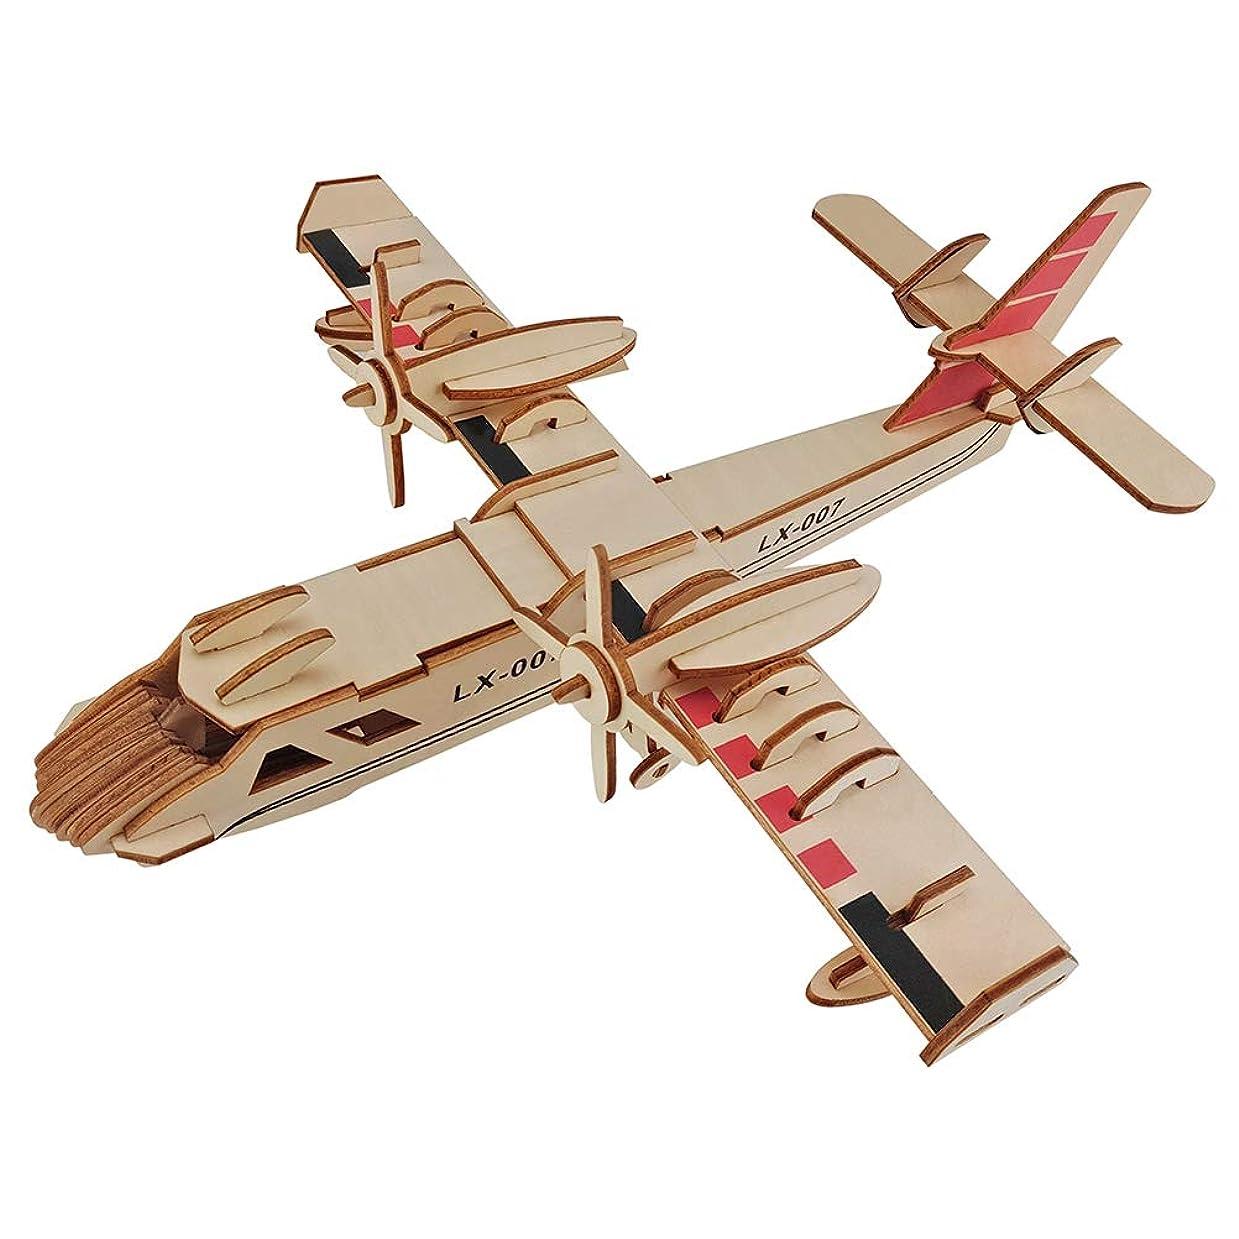 懲らしめ電池起訴するSUPVOX 3D木製パズル航空機モデルパズルおもちゃジグソーパズル木工構造ビルディングブロック用幼児